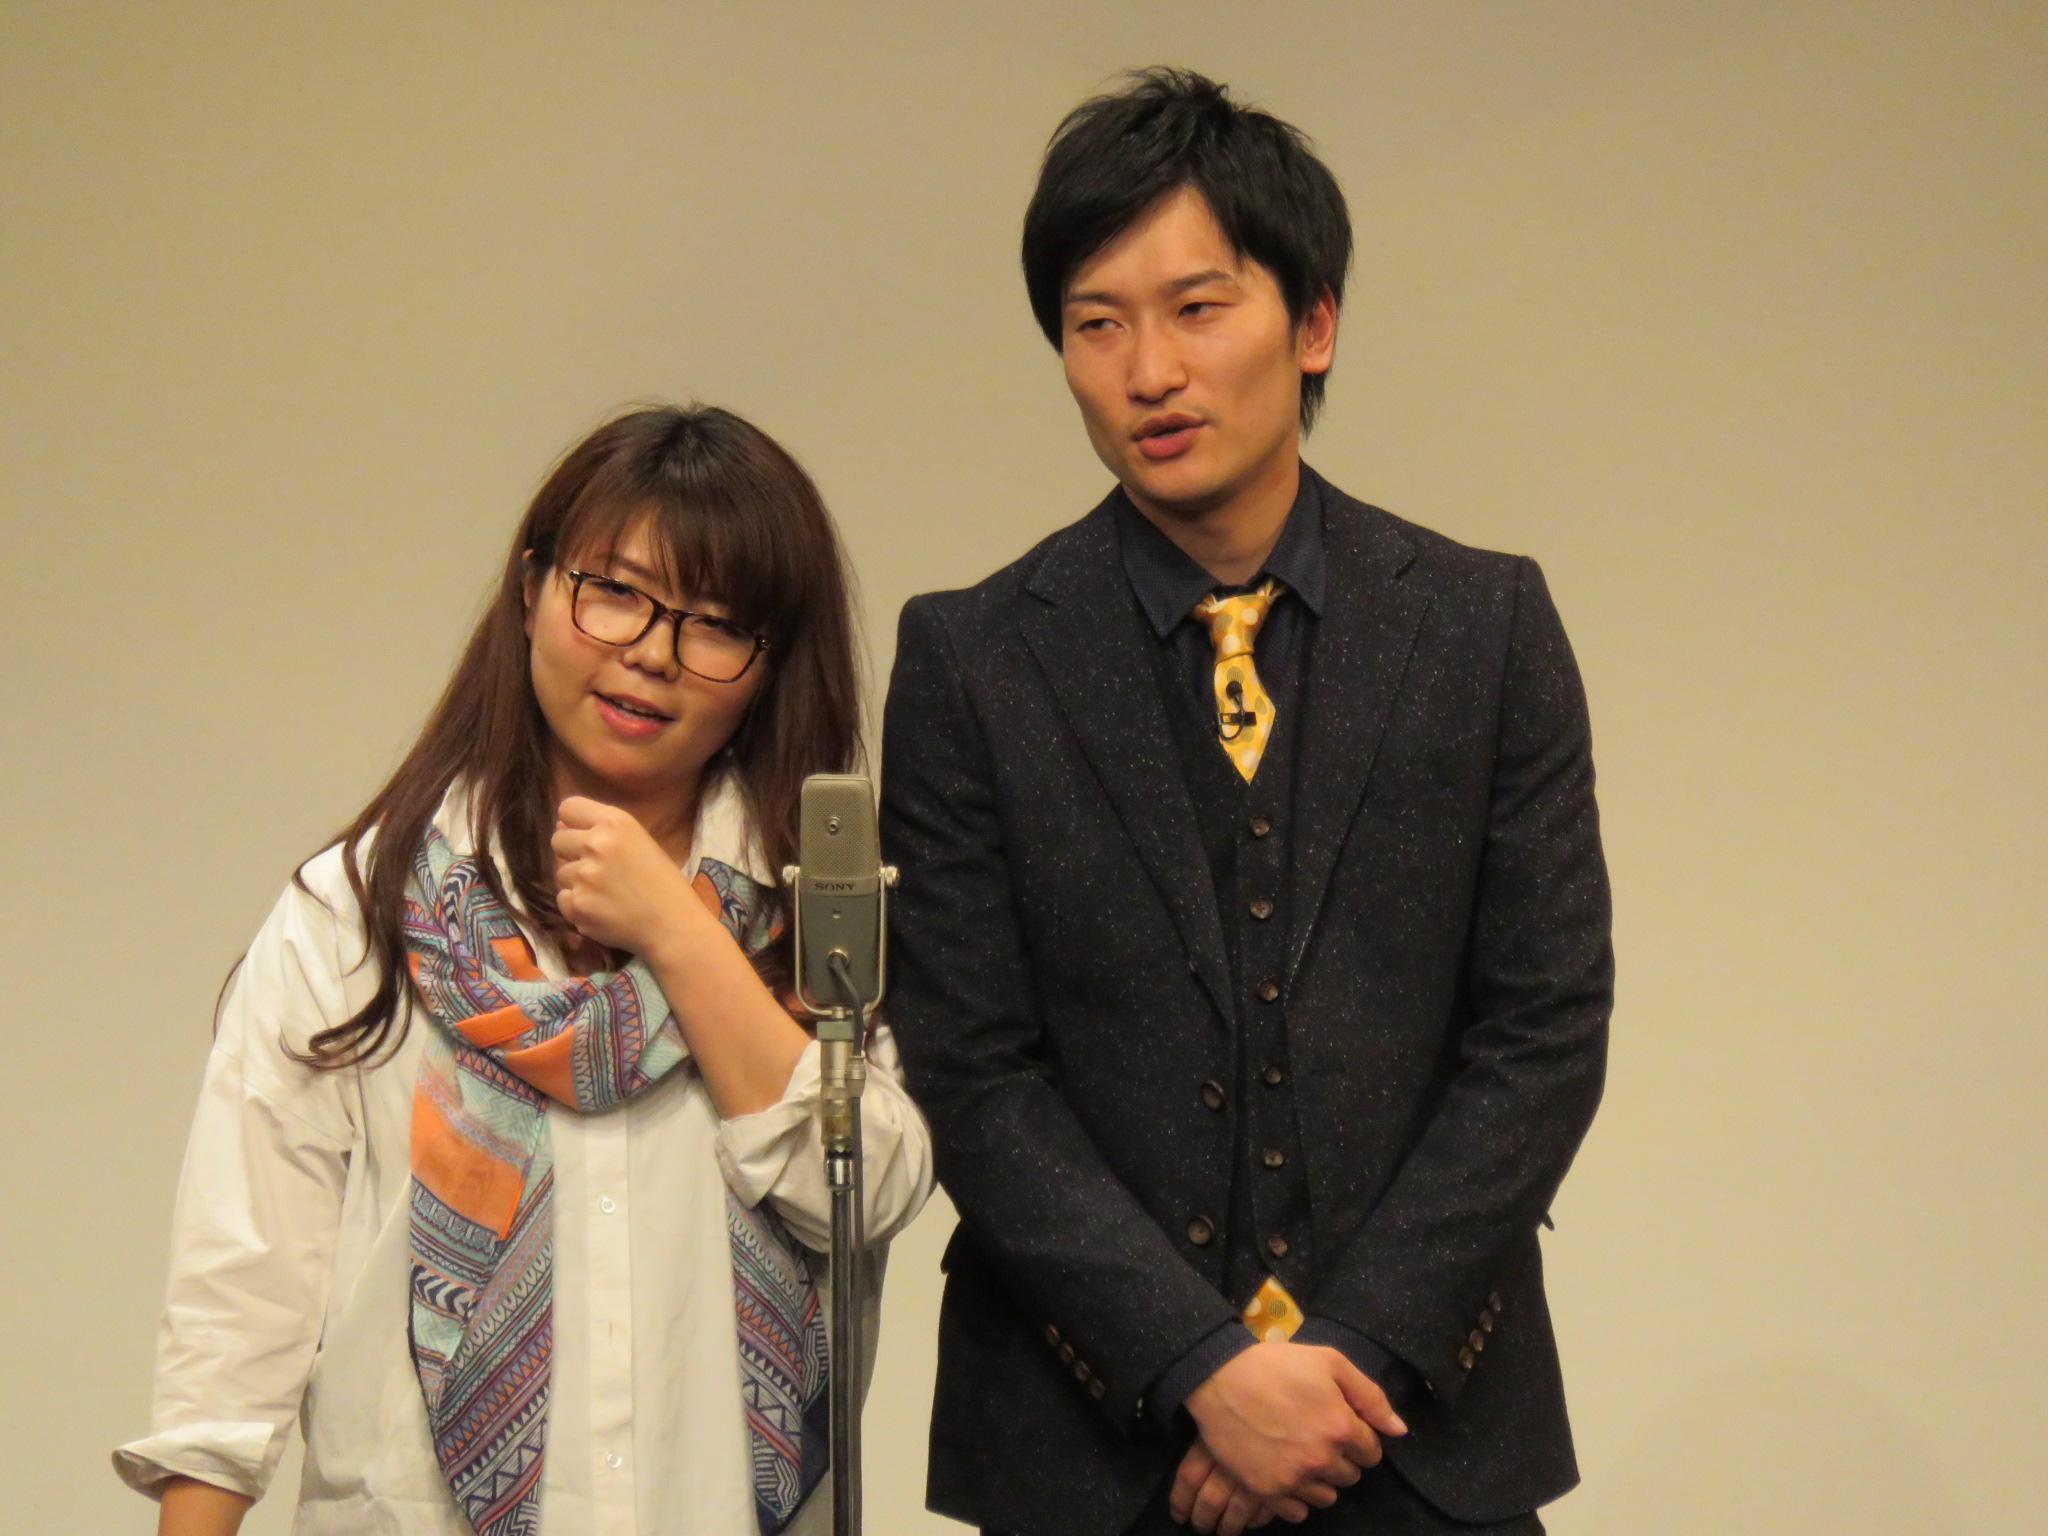 http://news.yoshimoto.co.jp/20170419153324-9730d2695aaab61a38be196db8c2fd89e9a309f2.jpg